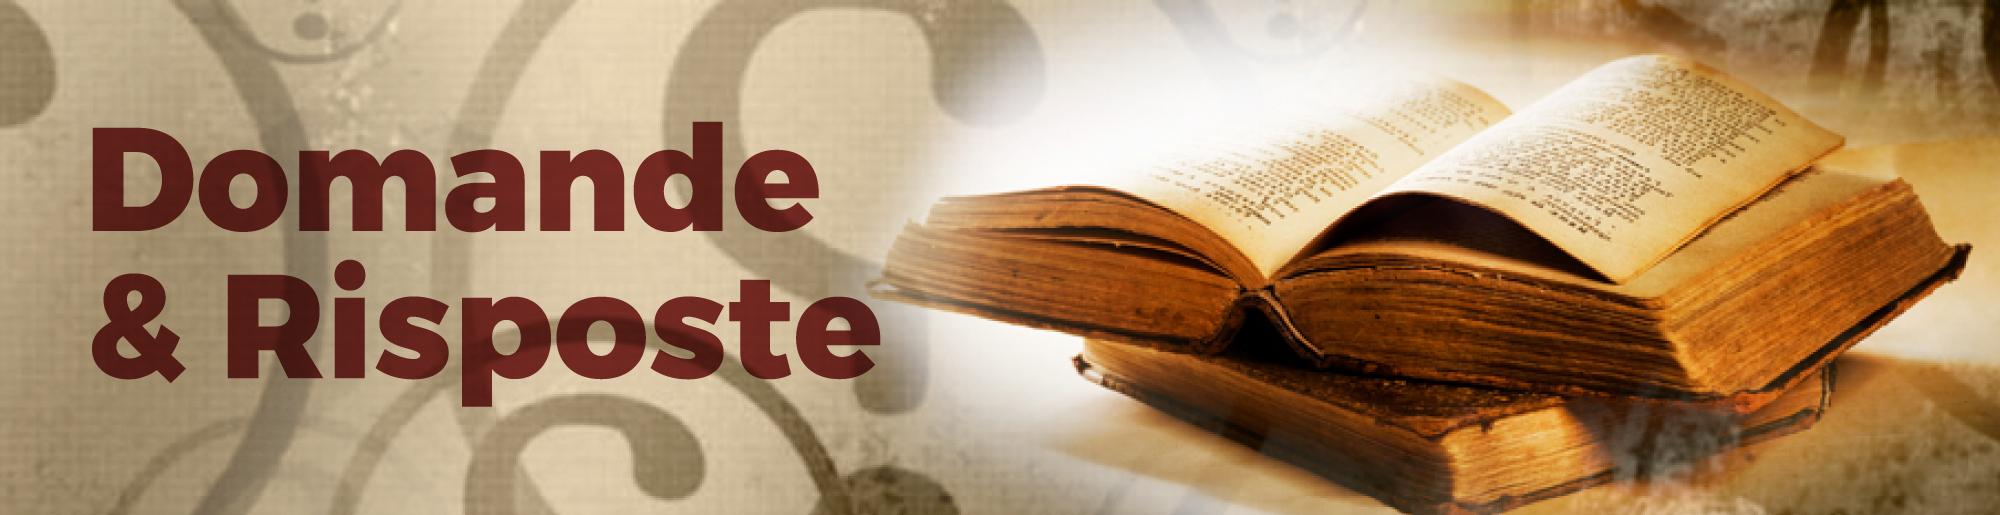 Domande & Risposte: LA BIBBIA